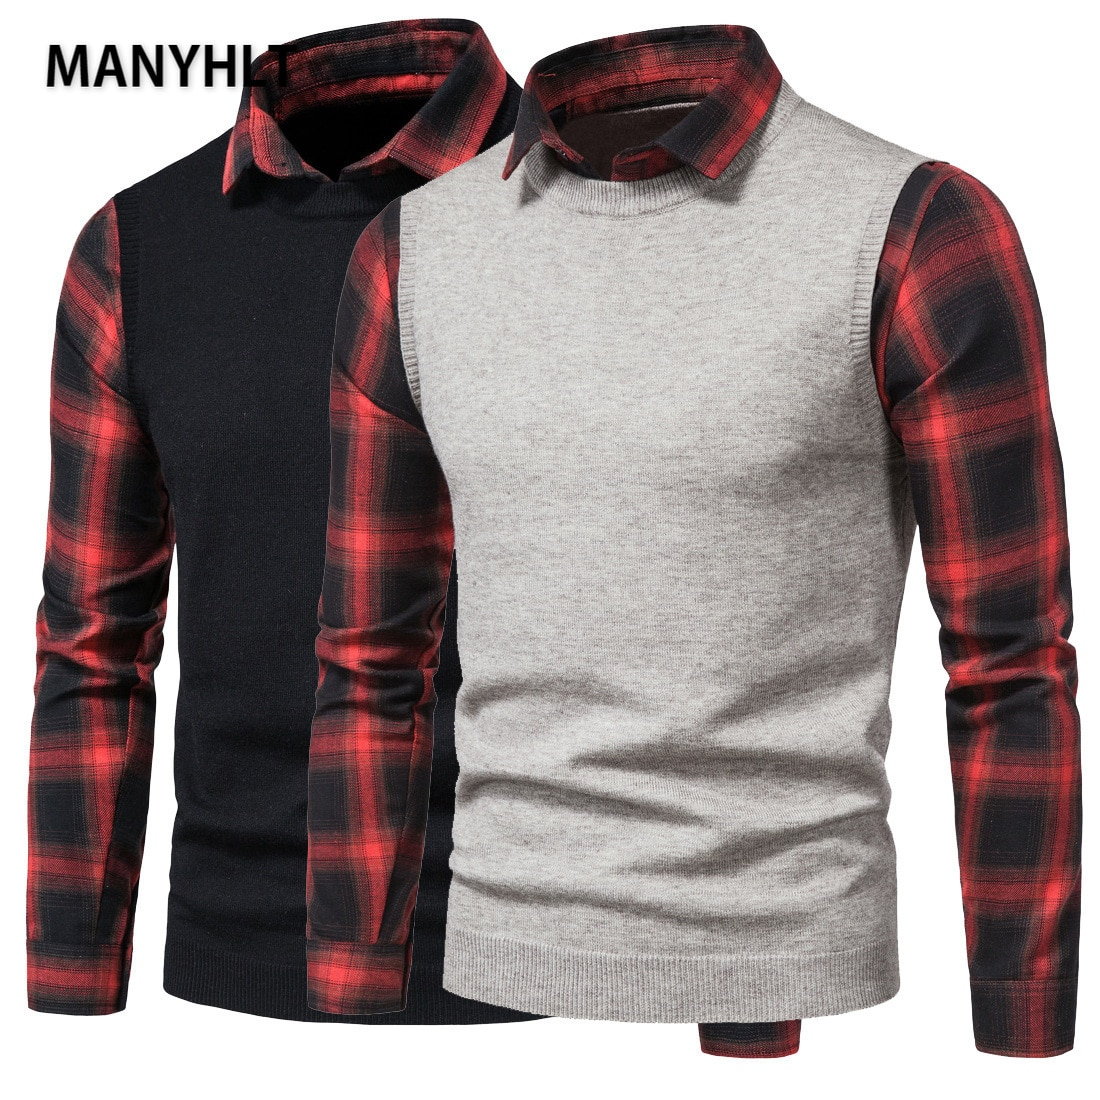 Мужской свитер, мужские пуловеры, сезон осень-зима, британская рубашка с воротником, повседневные шерстяные свитера, мужские имитация двух ...